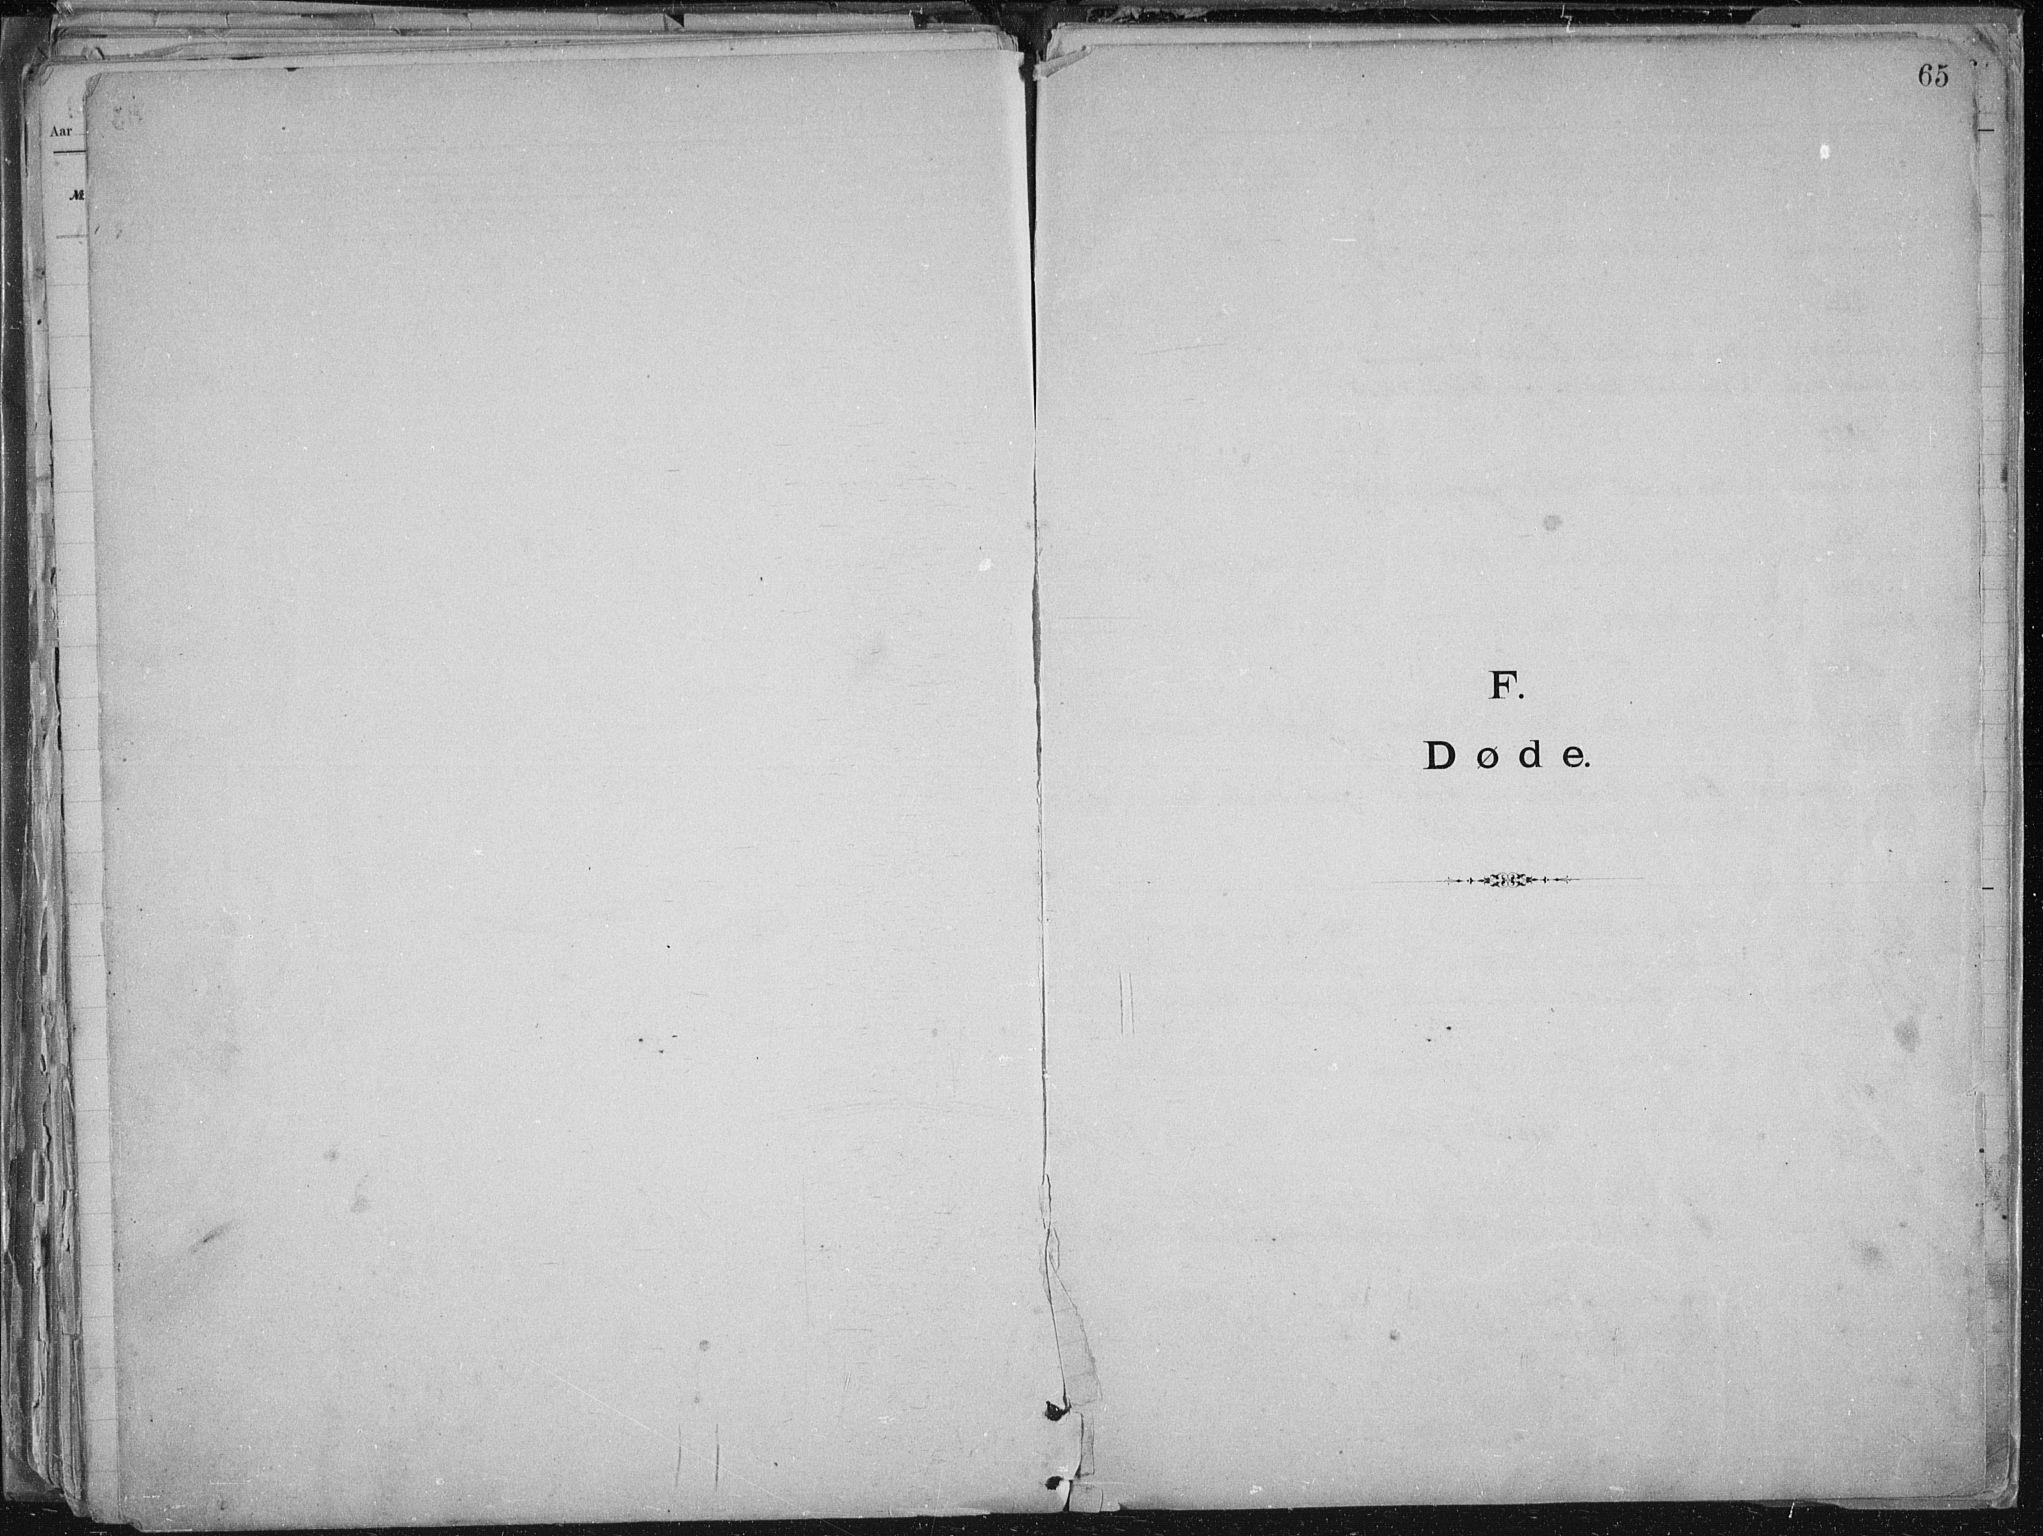 SATØ, Aune baptistmenighet, F/L0006DP: Dissenterprotokoll nr. 6, 1887-1939, s. 65